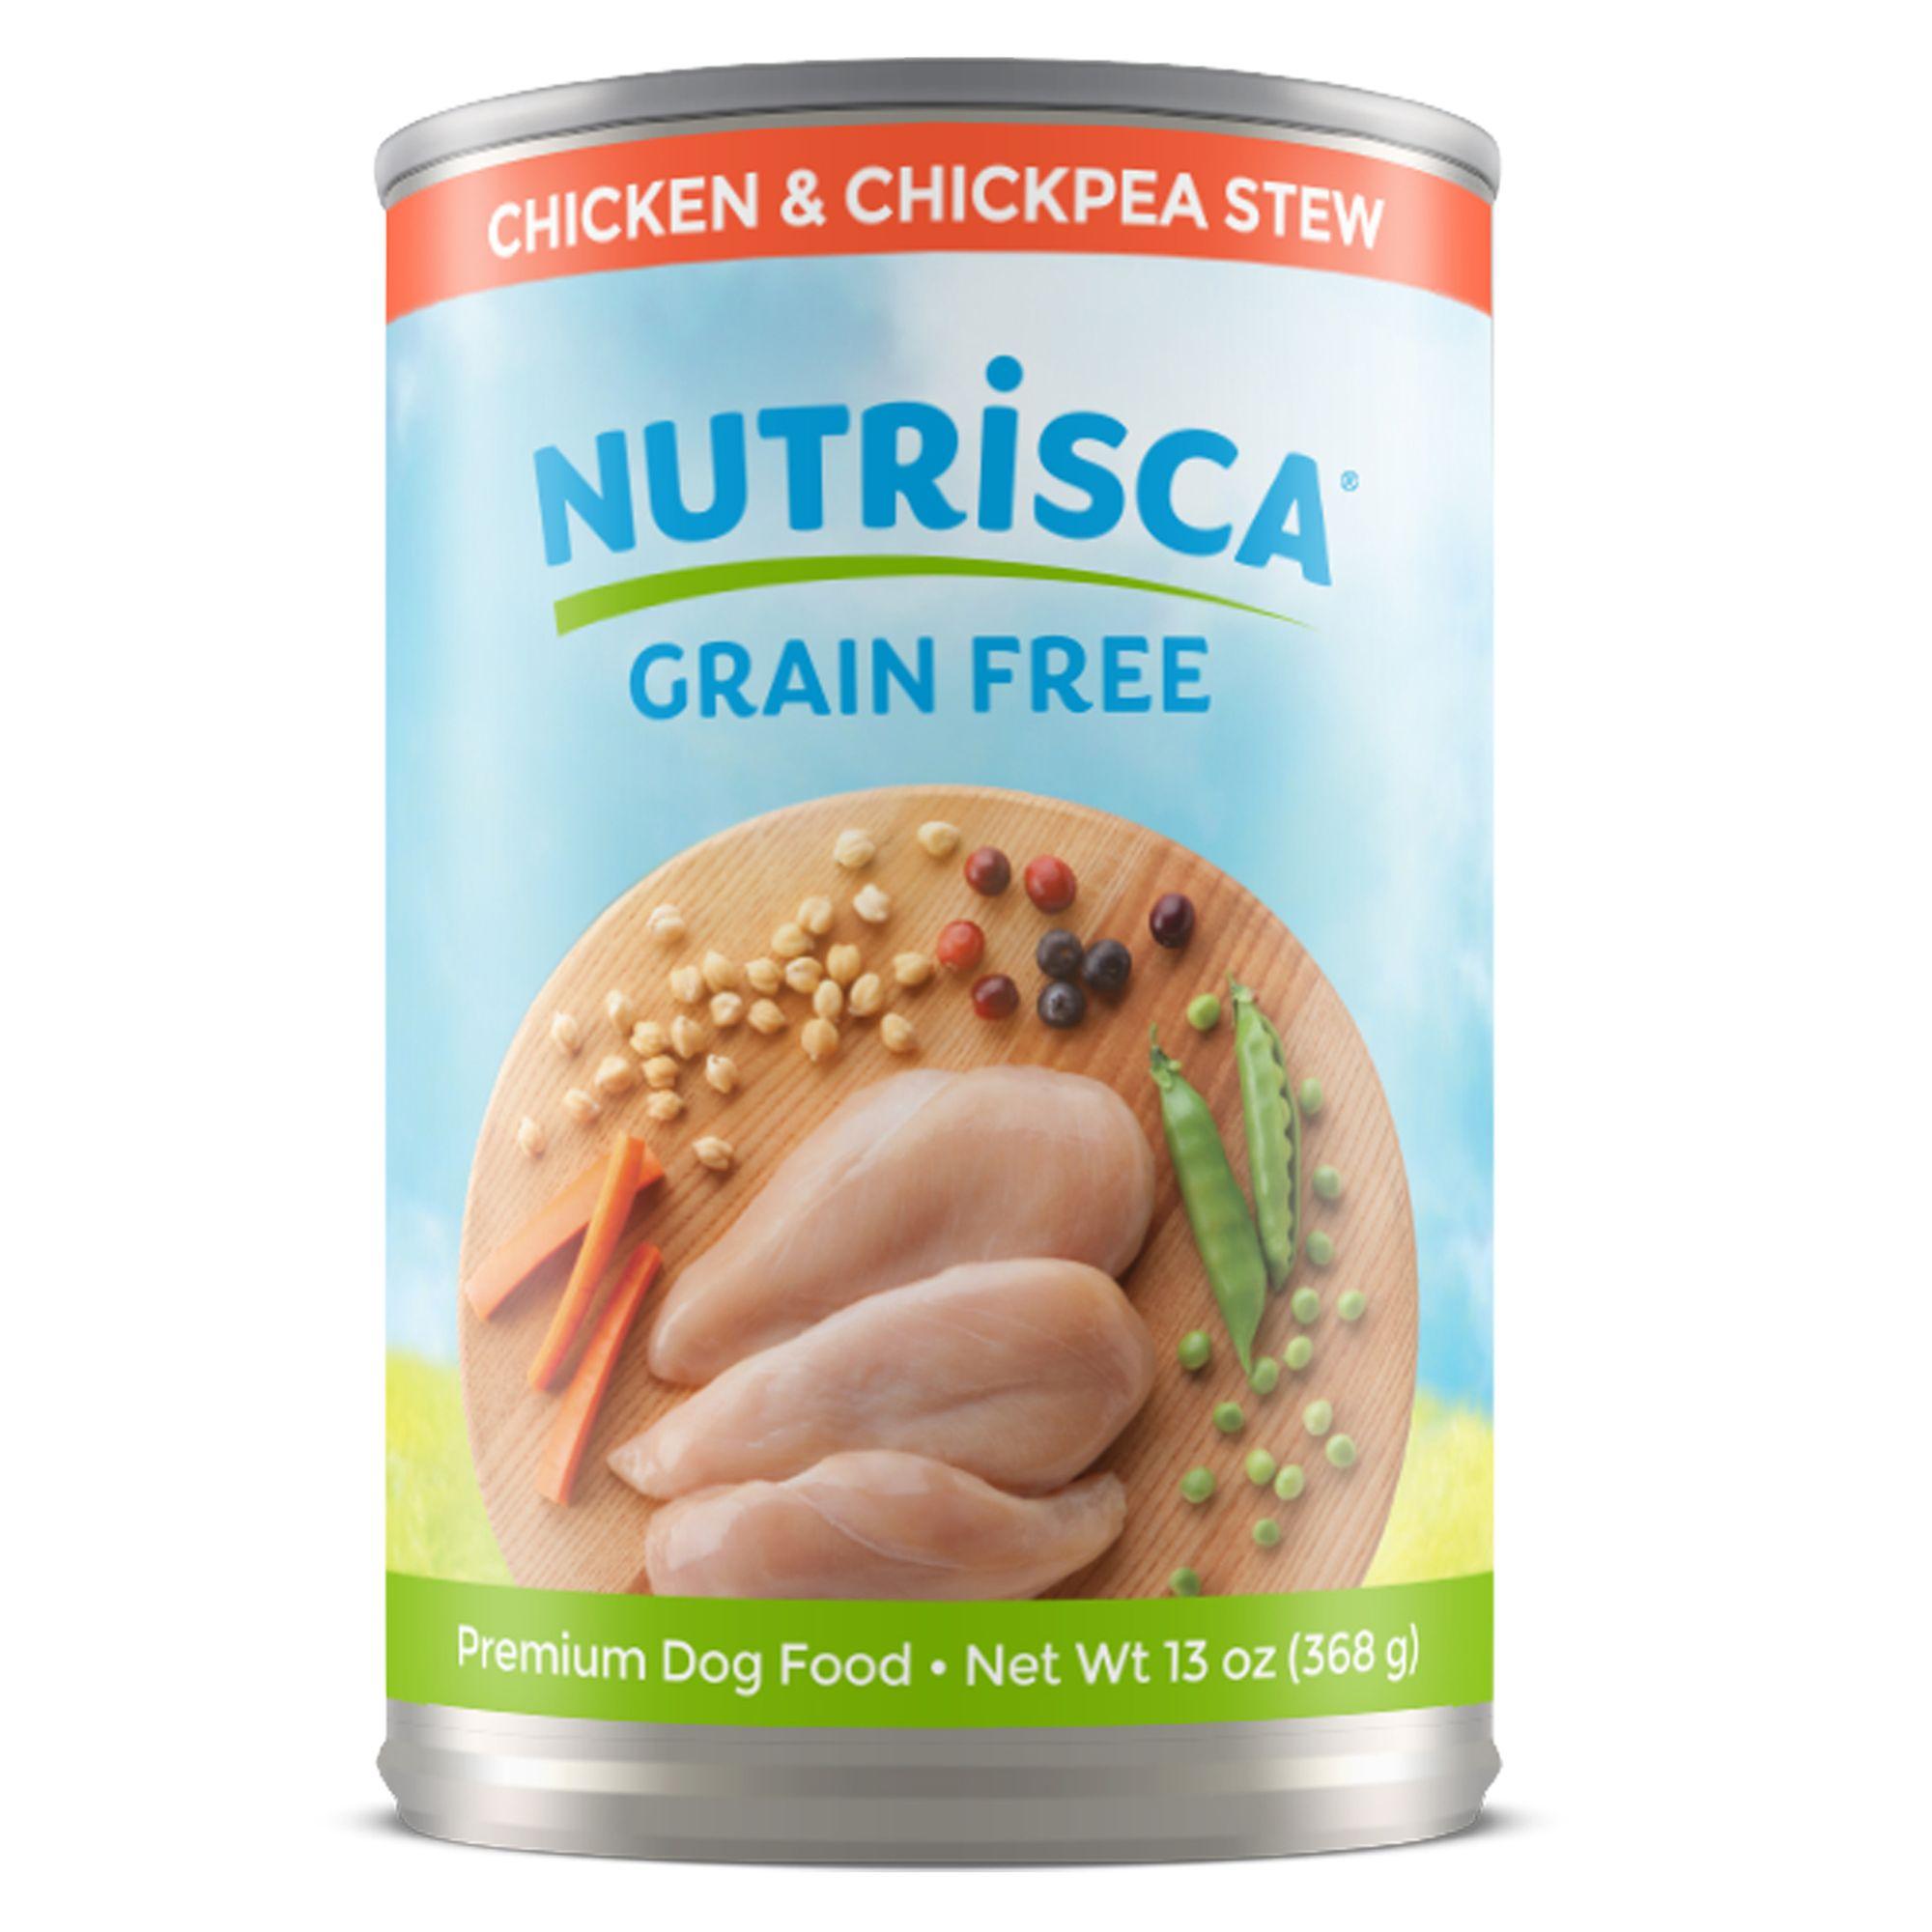 Nutrisca Dog Food Petsmart